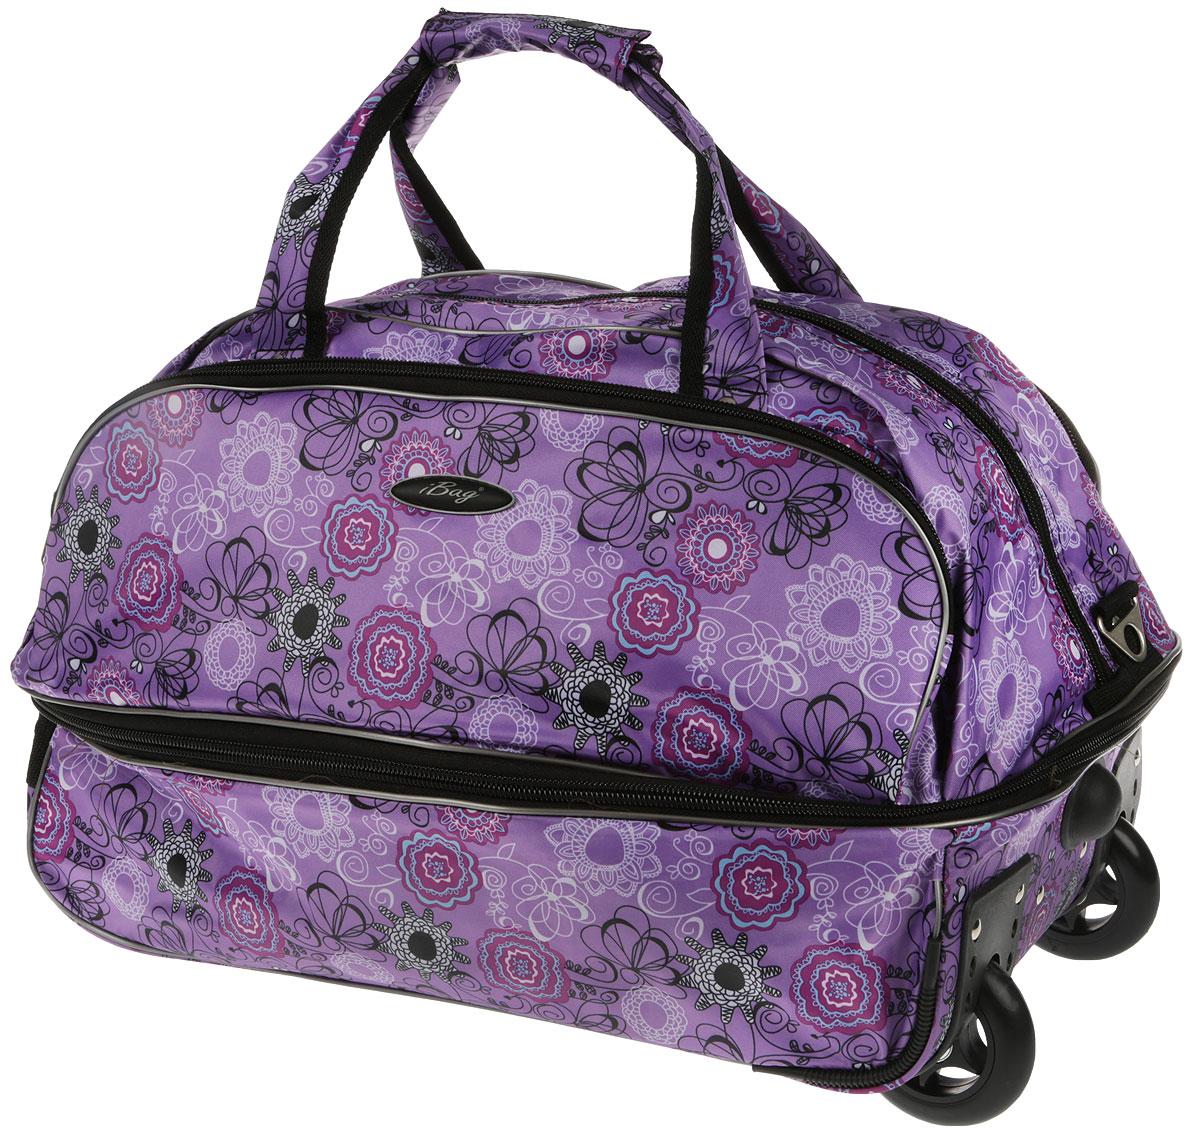 Сумка дорожная Ibag  Фиолетовый букет, на колесах, цвет: фиолетовый, 66-76 л2021 Фиолетовый букет20 дюймов, ручная кладь 123-129Сумка на колесах удобна тем, что в поездку можно взять больше вещей, не испытывая излишних неудобств при транспортировке. Благодаря колесам нагрузка при передвижении уменьшается и путешествия проходят намного легче. Просто выдвиньте ручку и возите сумку у себя за спиной, вместо того чтобы нести ее в руке или на плече. Данная Коллекция колесных сумок имеет вместительное отделение на молнии с карманом для мелочей и один карман на фронтальной части сумки. Для удобства транспортировки коллекция сумок оснащена выдвижной ручкой. Она надежно фиксируется и превращает сумку в некое подобие тележки. Сумка на колесах с выдвижной ручкой занимает совсем немного места и крайне удобна в хранении. Данная коллекция выполнена из легкой, очень прочной ткани которая великолепно сохраняет форму, устойчива к световому и тепловому воздействию и проста в уходе, а так же некоторые модели коллекции выполнены из кож.заменителя. Легкая и удобная, послужит незаменимым спутником как в деловой поездке так и в дальнем путешествии.